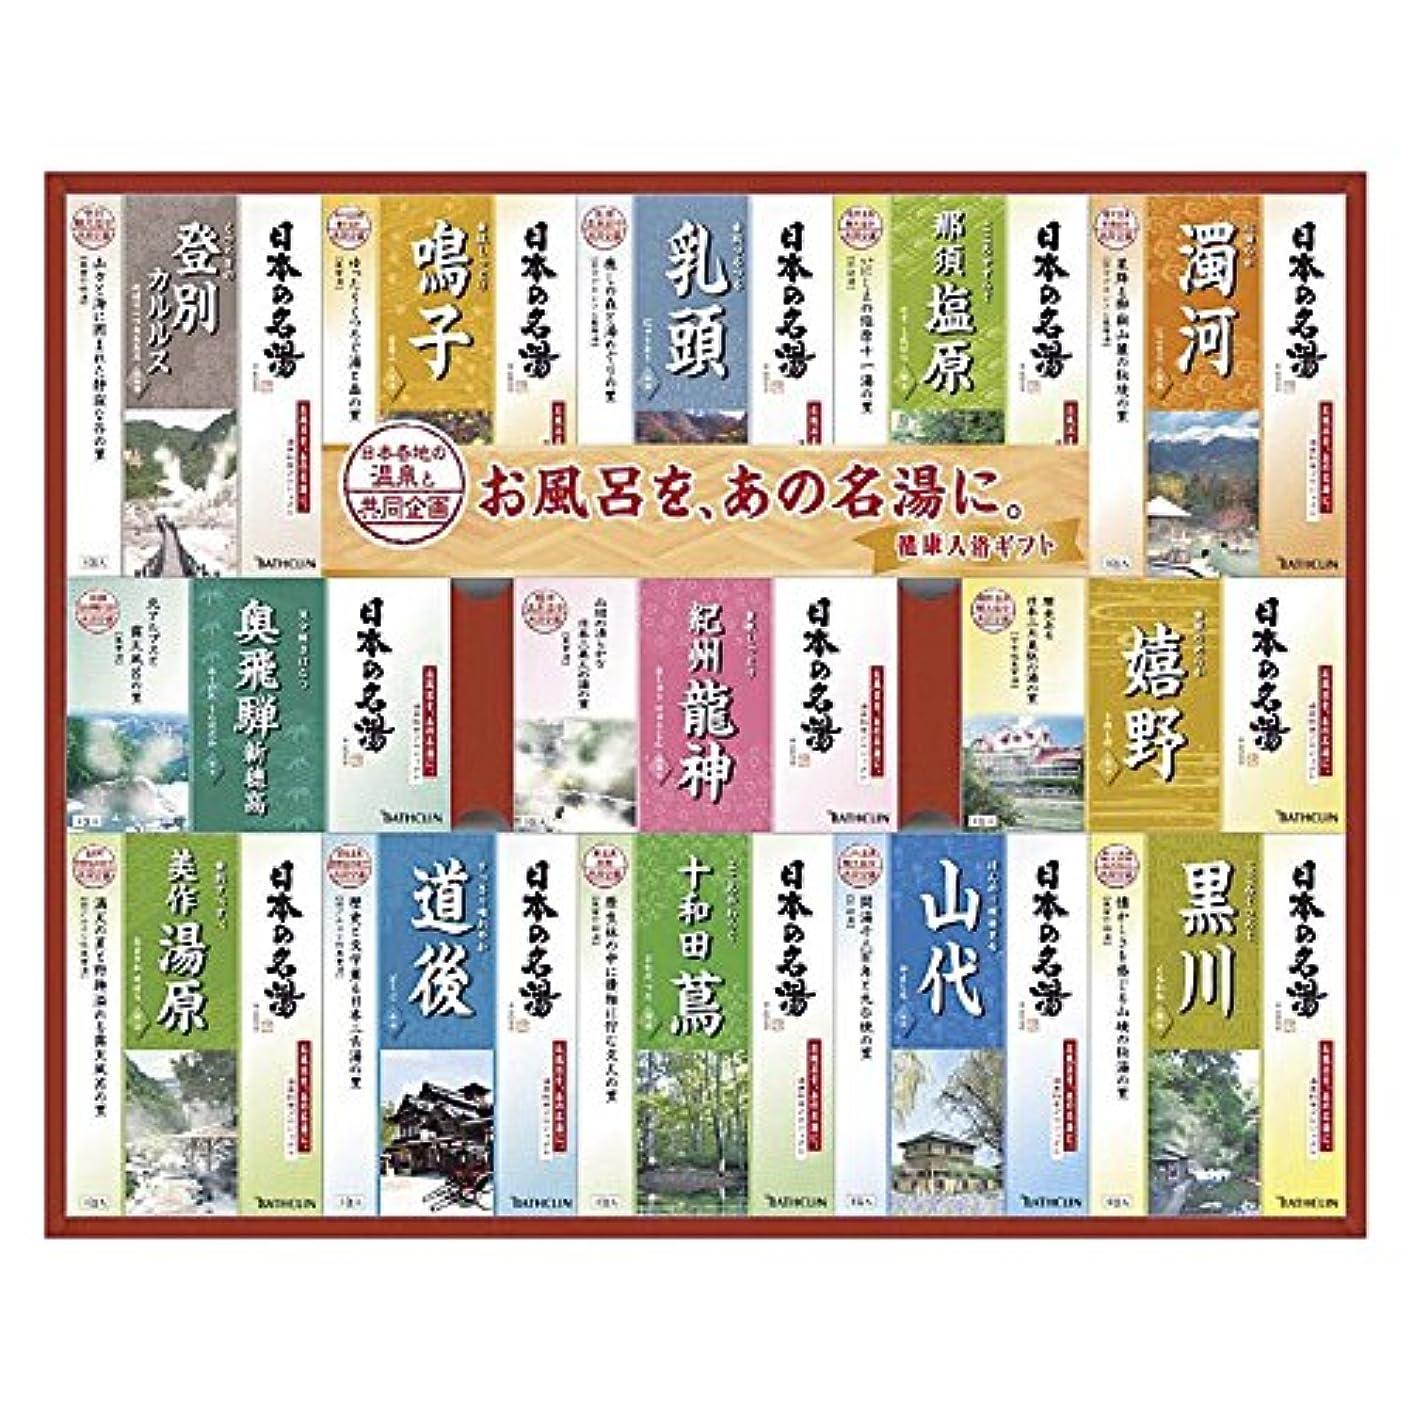 作り組み込むマーチャンダイジングバスクリン 日本の名湯 ギフトセット 【保湿 ギフト 温泉 発汗 セット あったまる いろいろ うるおい うるおう しっとり すべすべ はっかん 極楽 ごくらく ゆったり ばすくりん 5000】